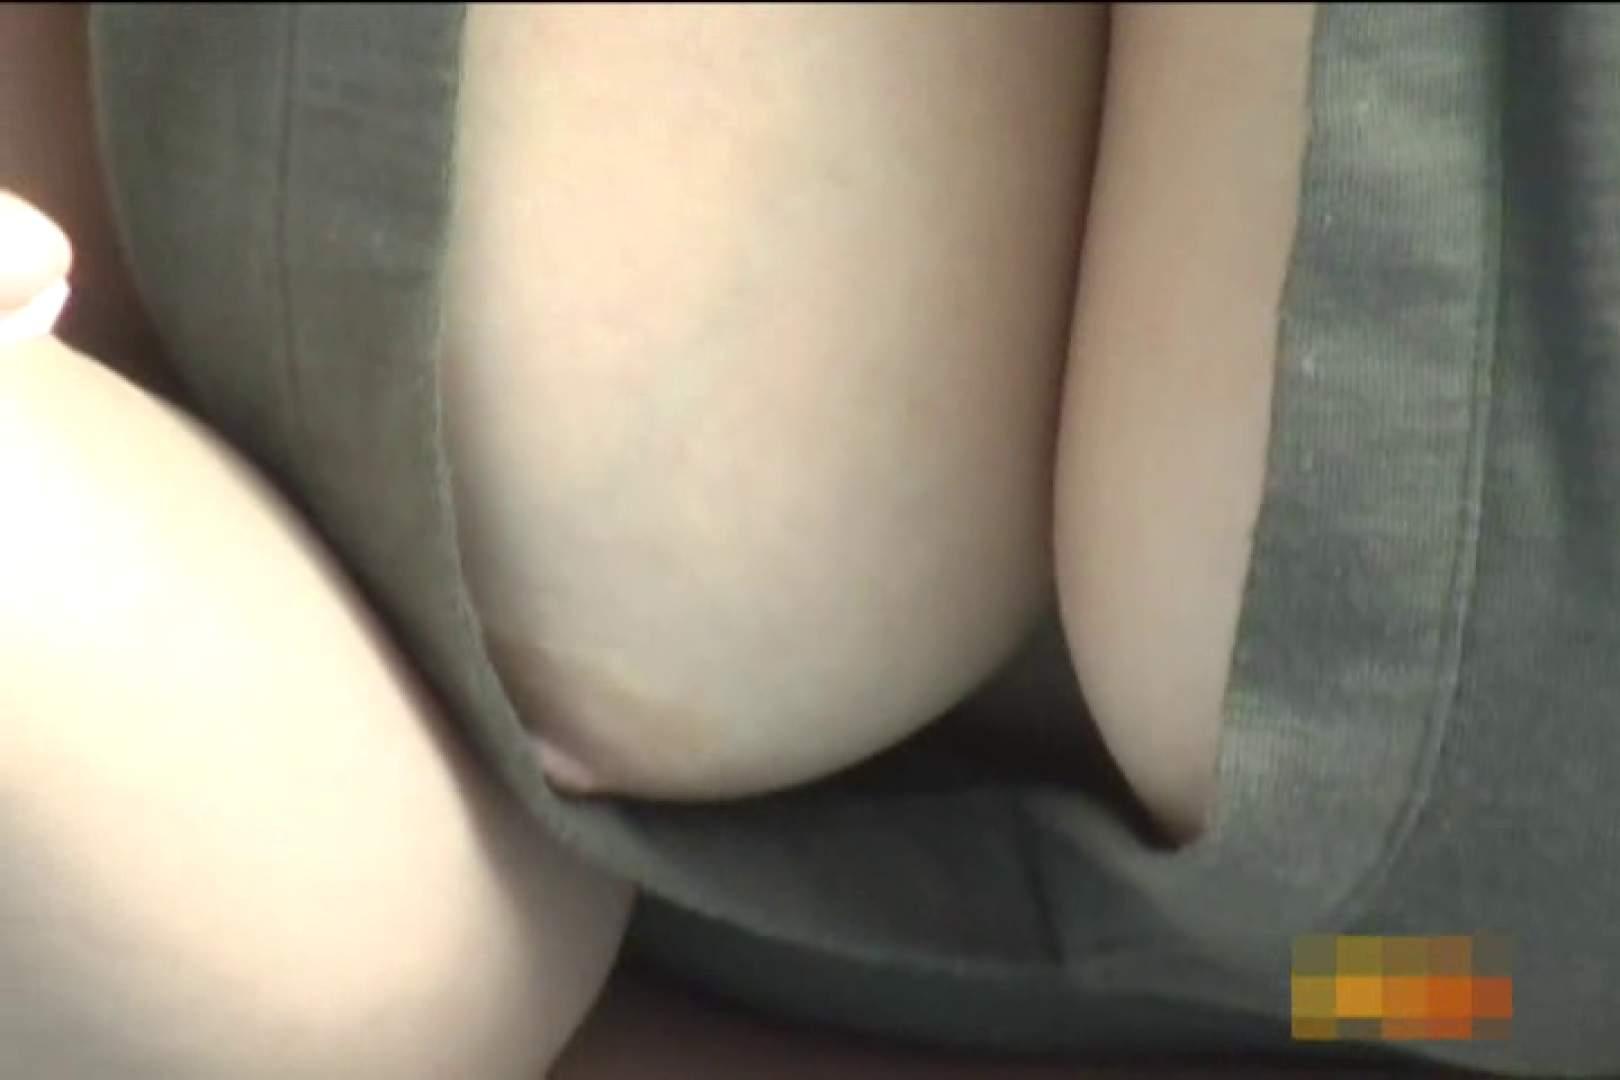 大胆露出胸チラギャル大量発生中!!Vol.1 ギャルの実態 | 乳首  88pic 81